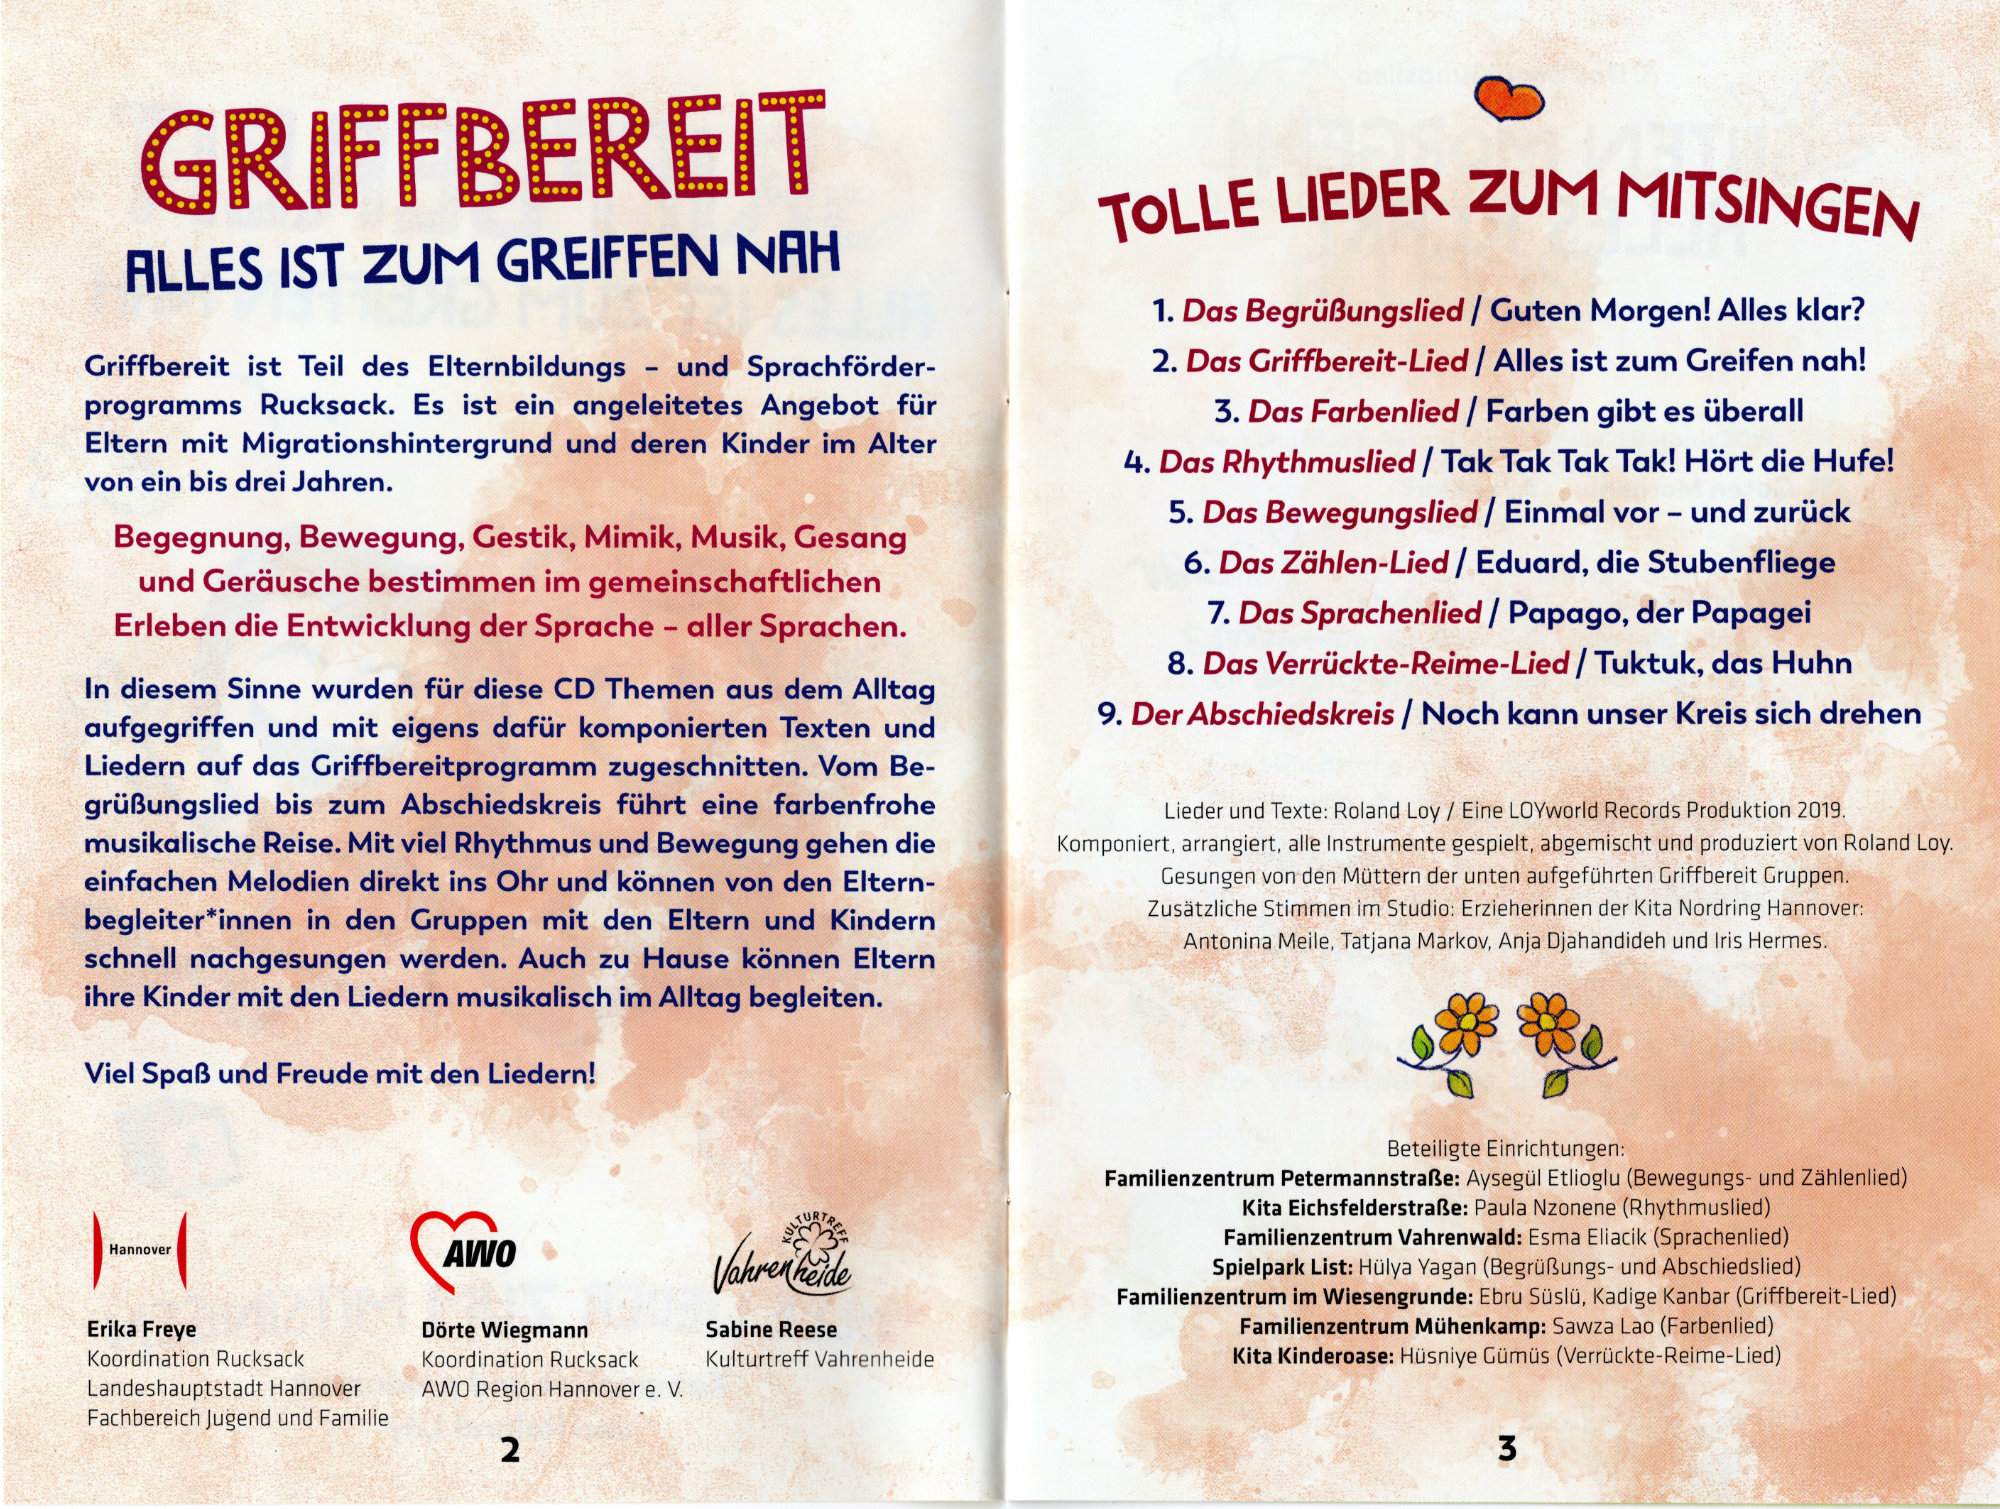 Griffbereit Awo Region Hannover